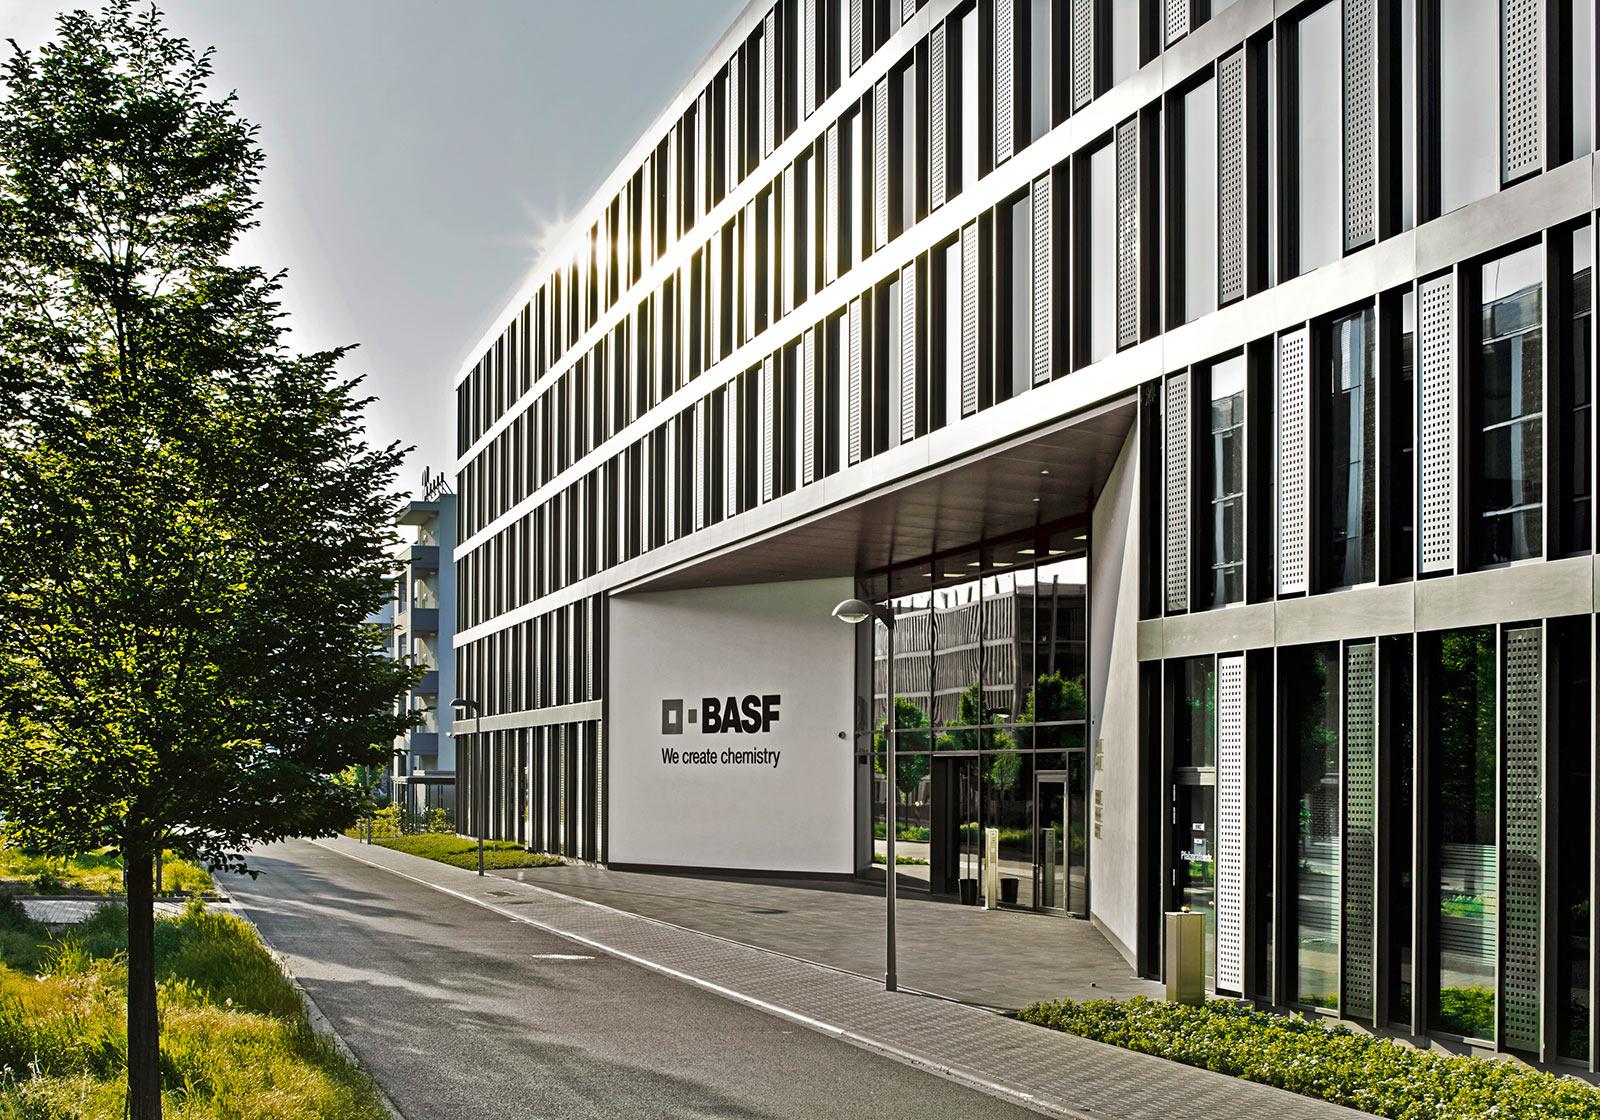 BASF Luwigshafen, DE